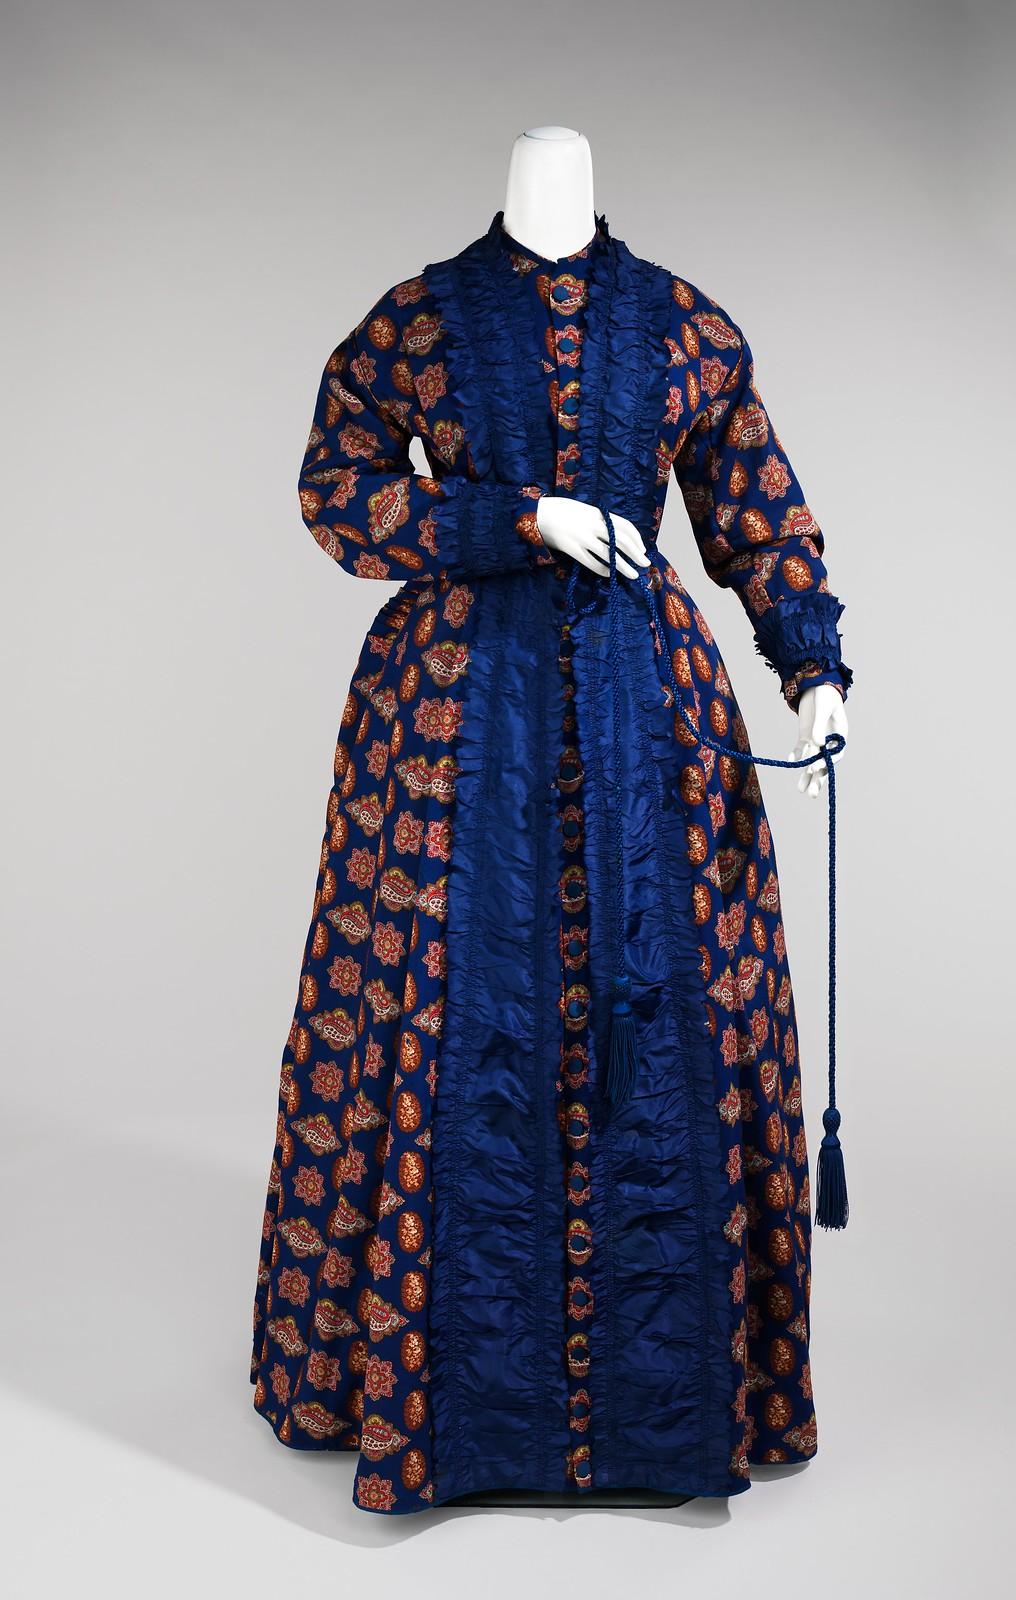 Dressing gown 1865-75 American Wool, silk, metmuseum